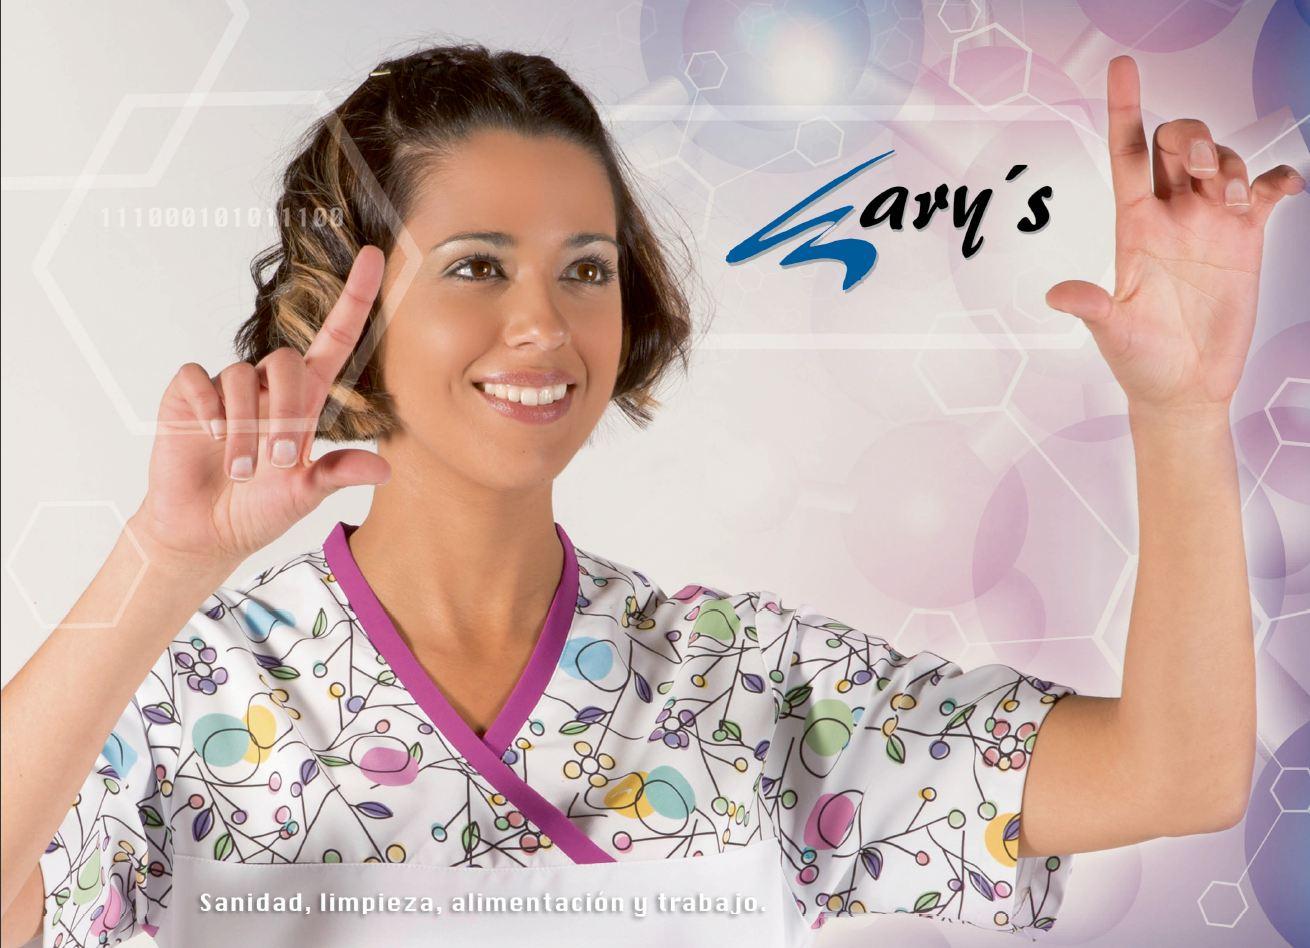 GARY'S Sanidad, limpieza, ... 2016